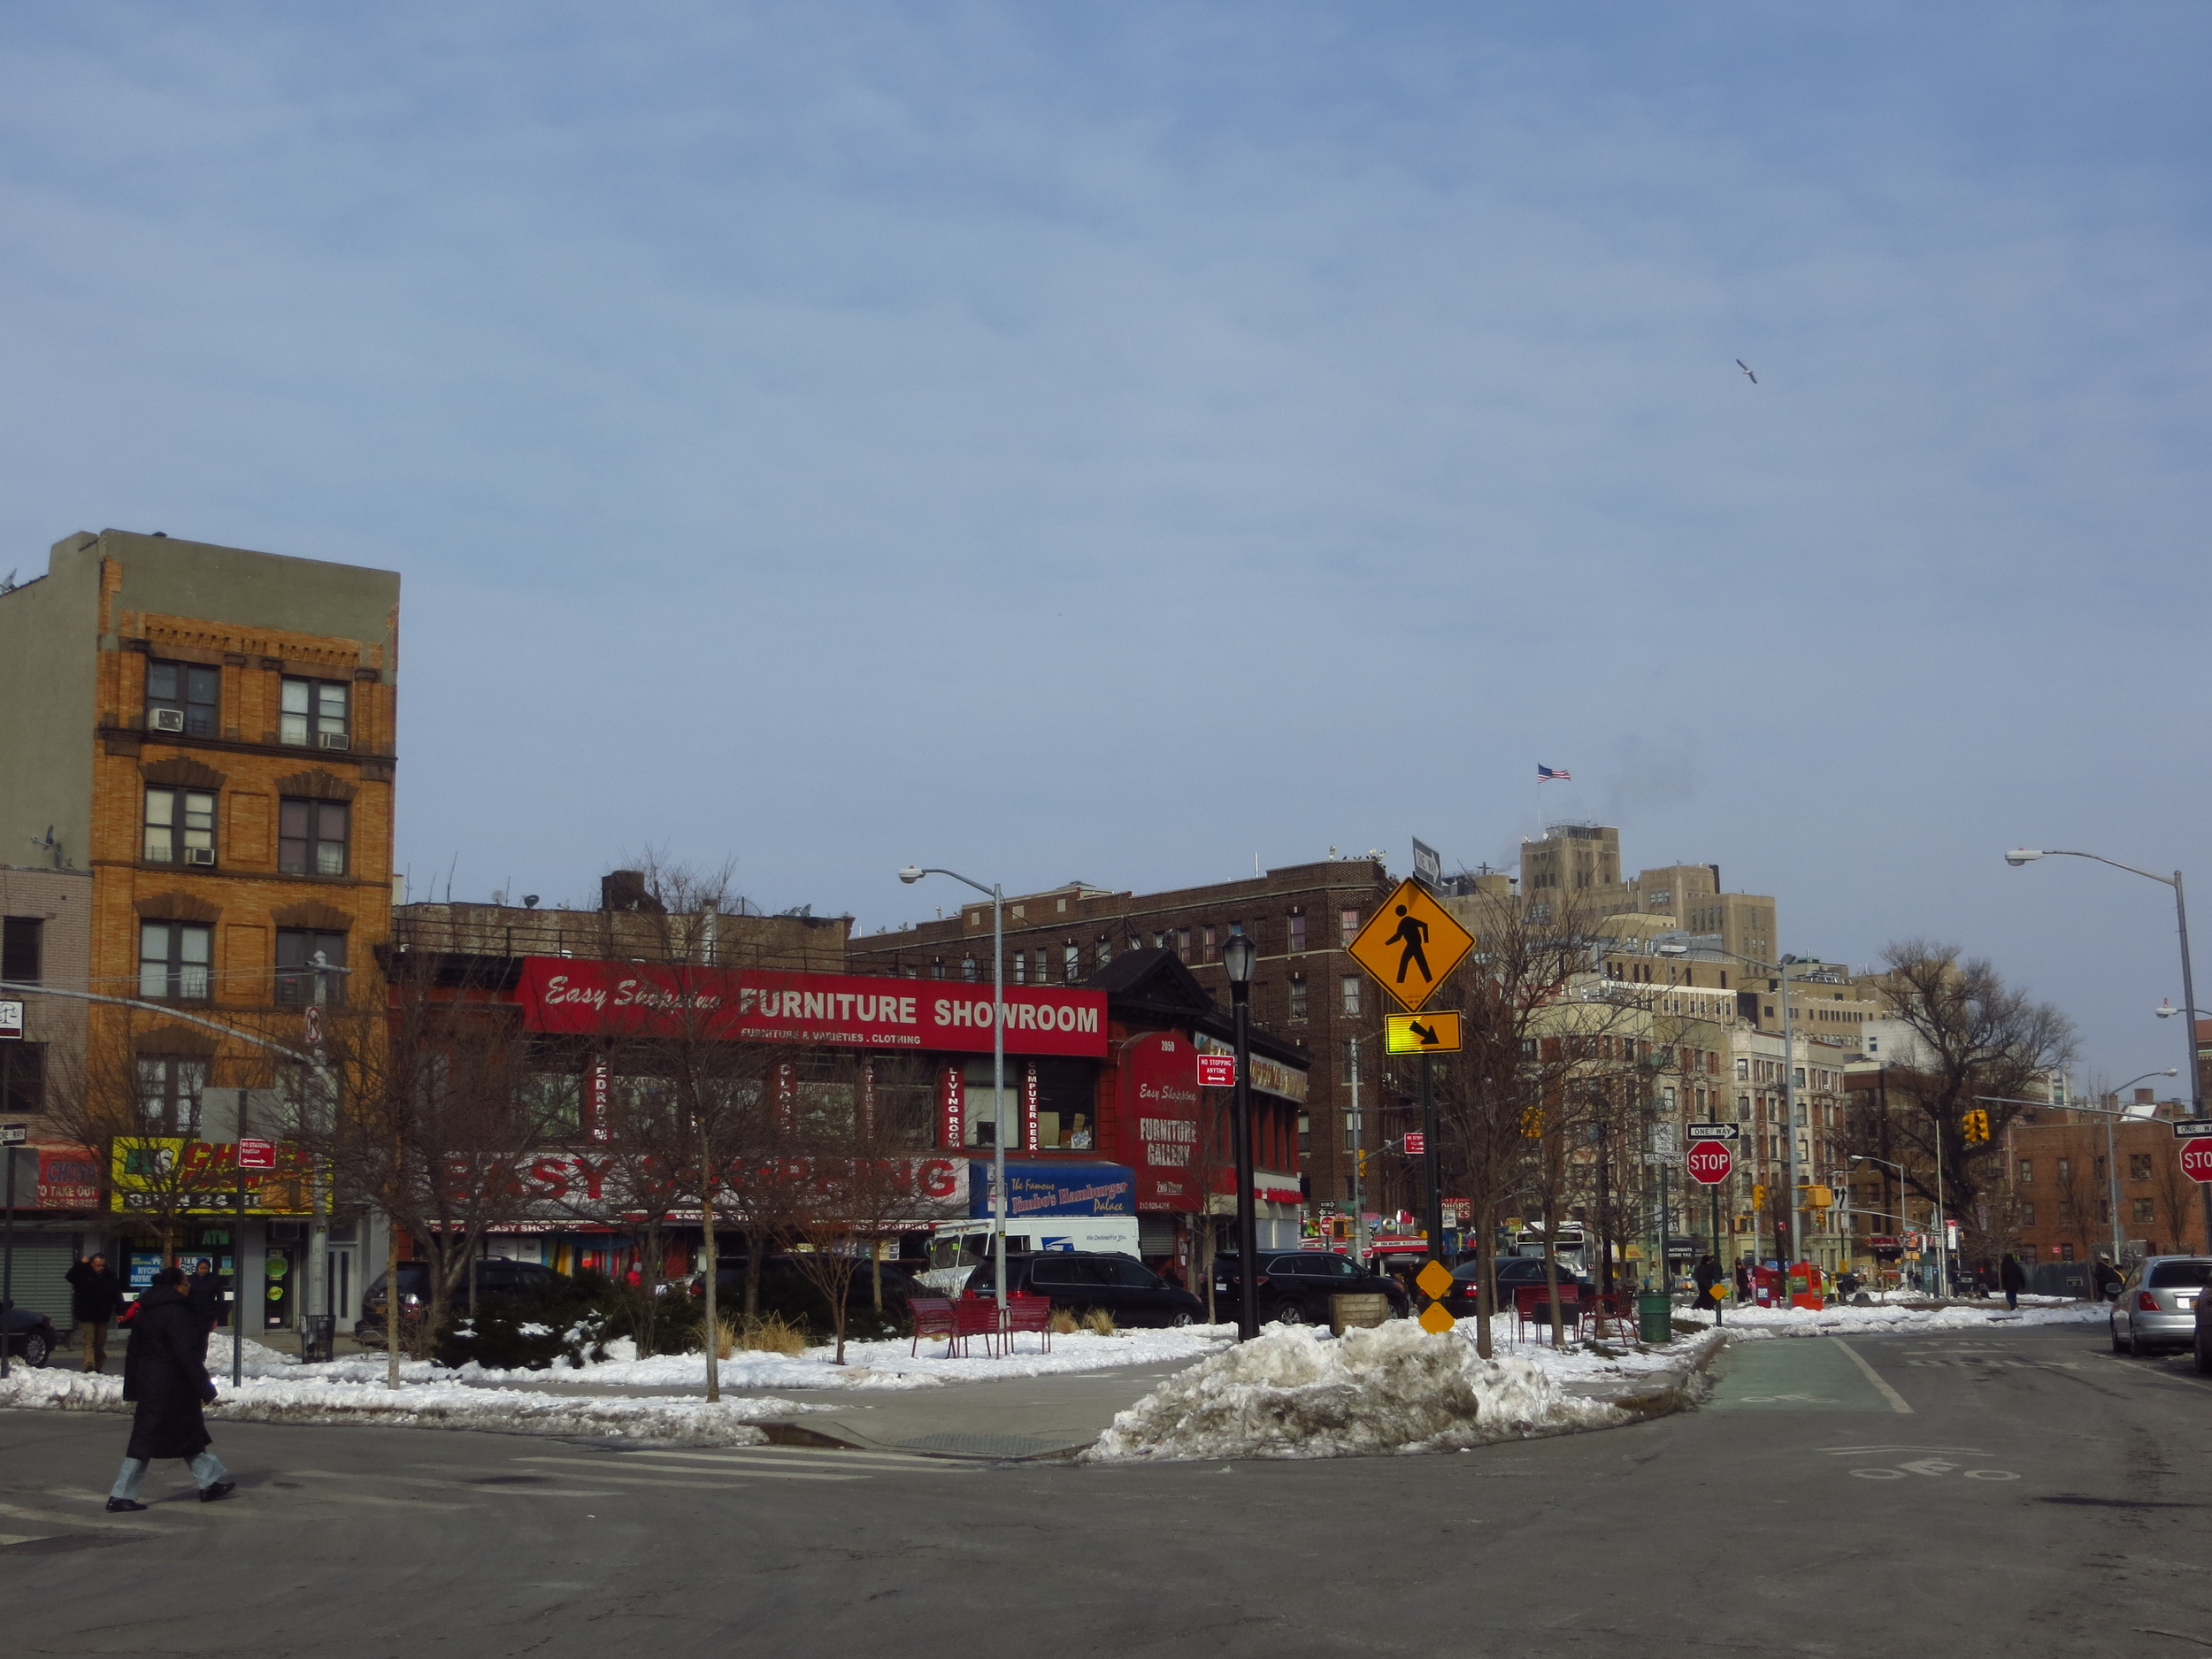 View up St. Nicholas Avenue